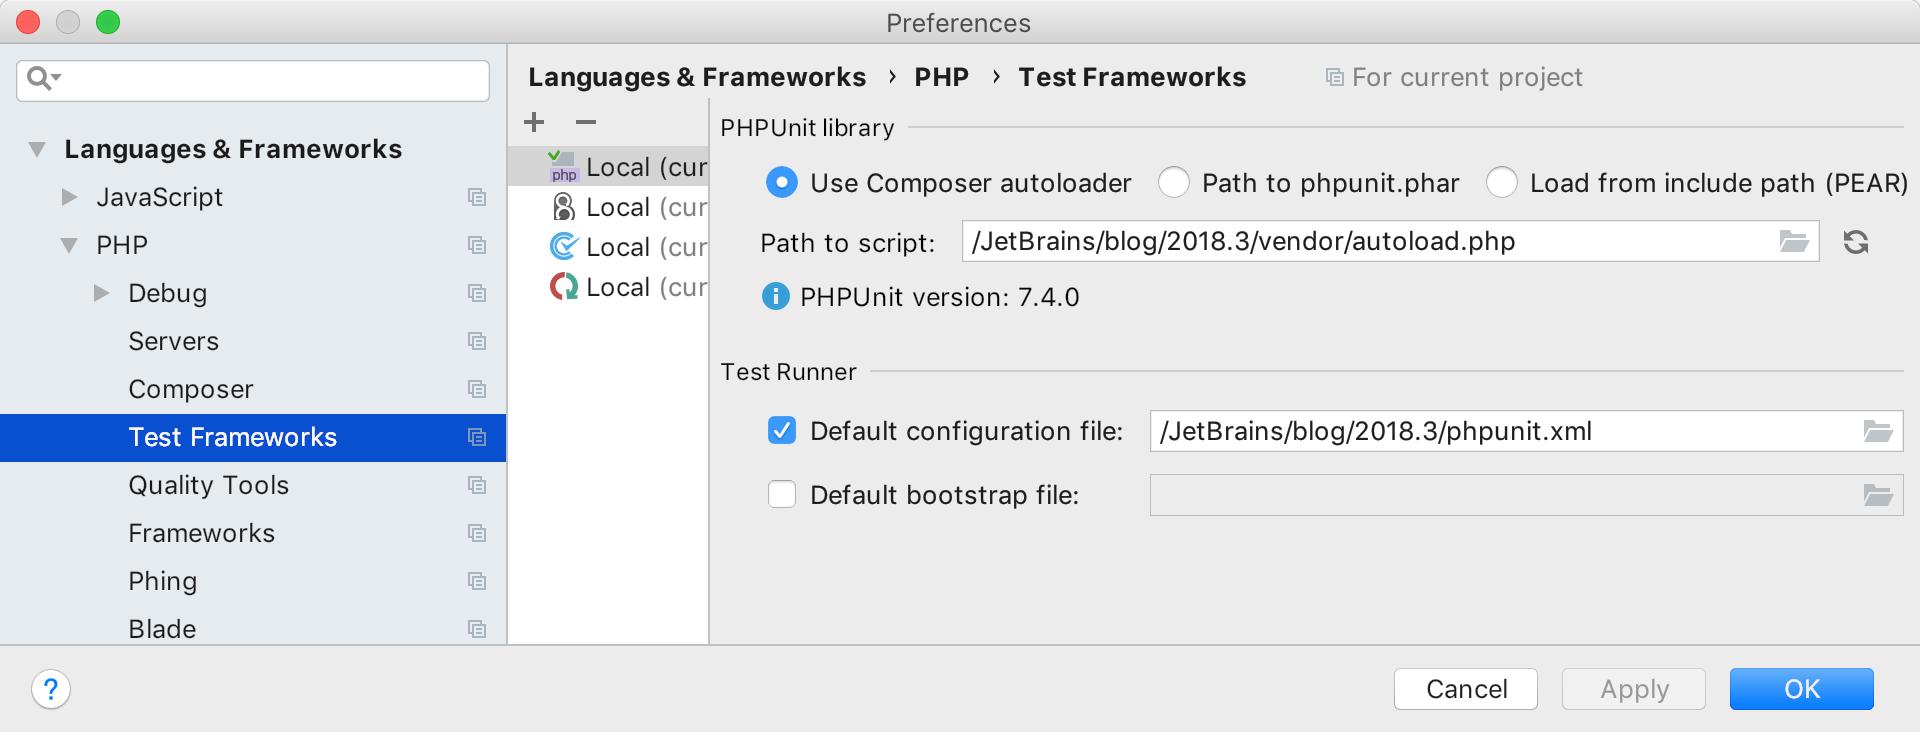 test_frameworks_configs